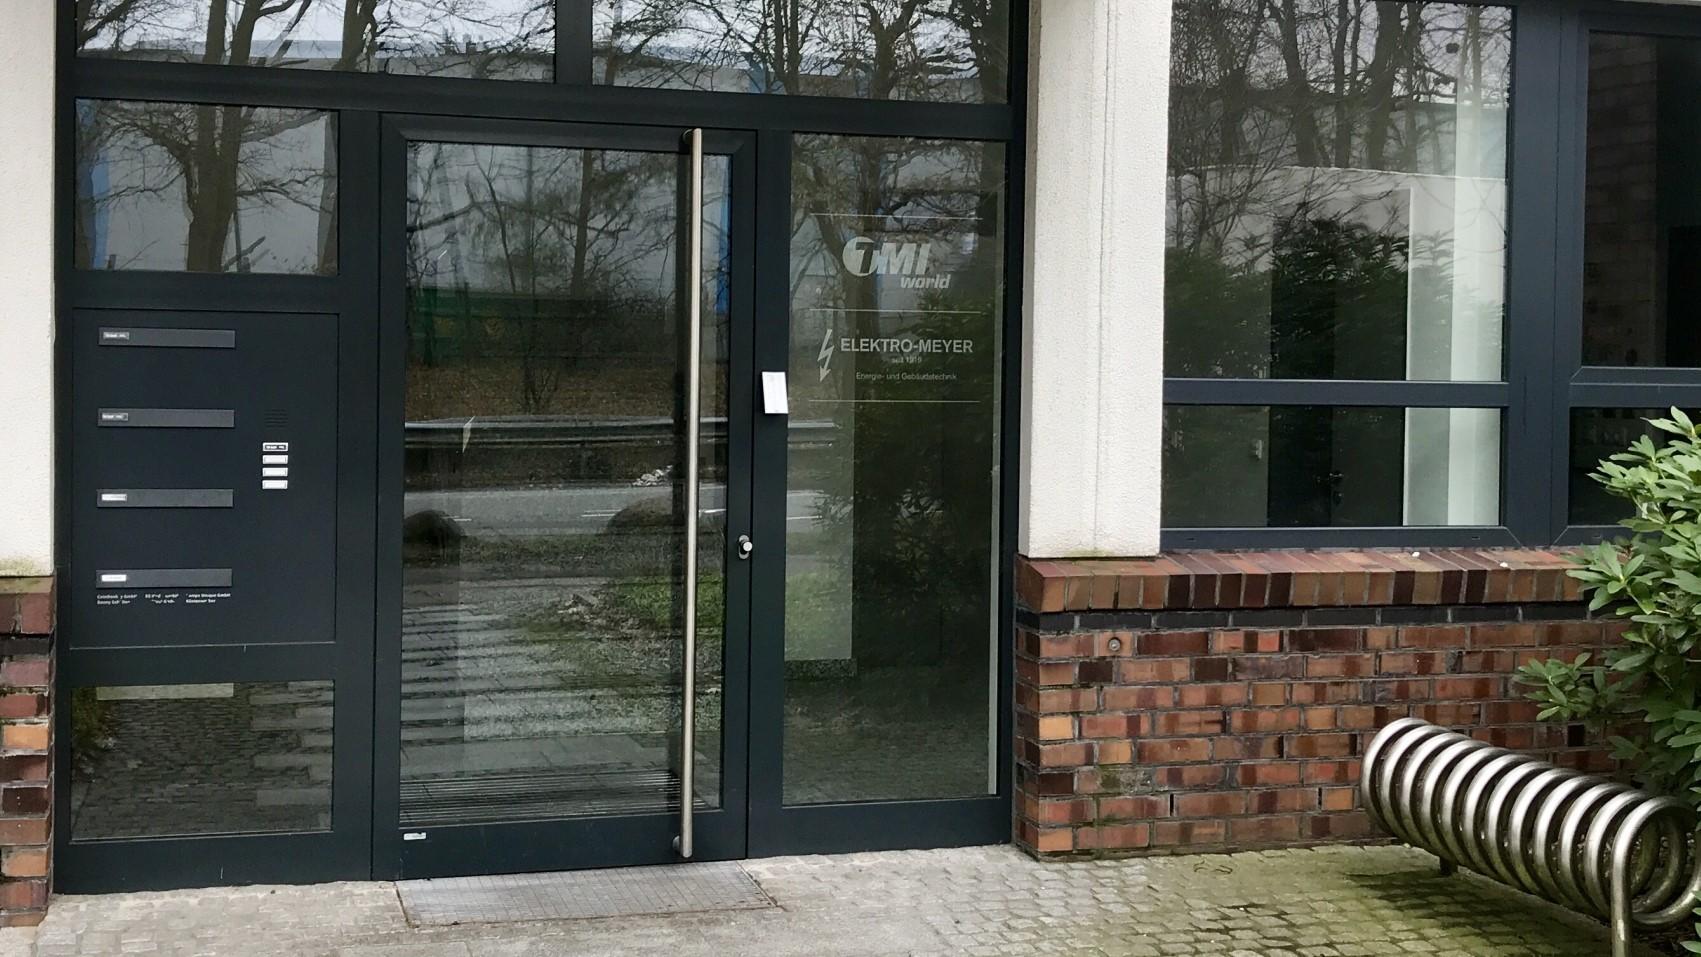 Mein-Wedel-Workspace-Arbeitsplatz-Eingangsbereich-Fahrradständer-Teaser